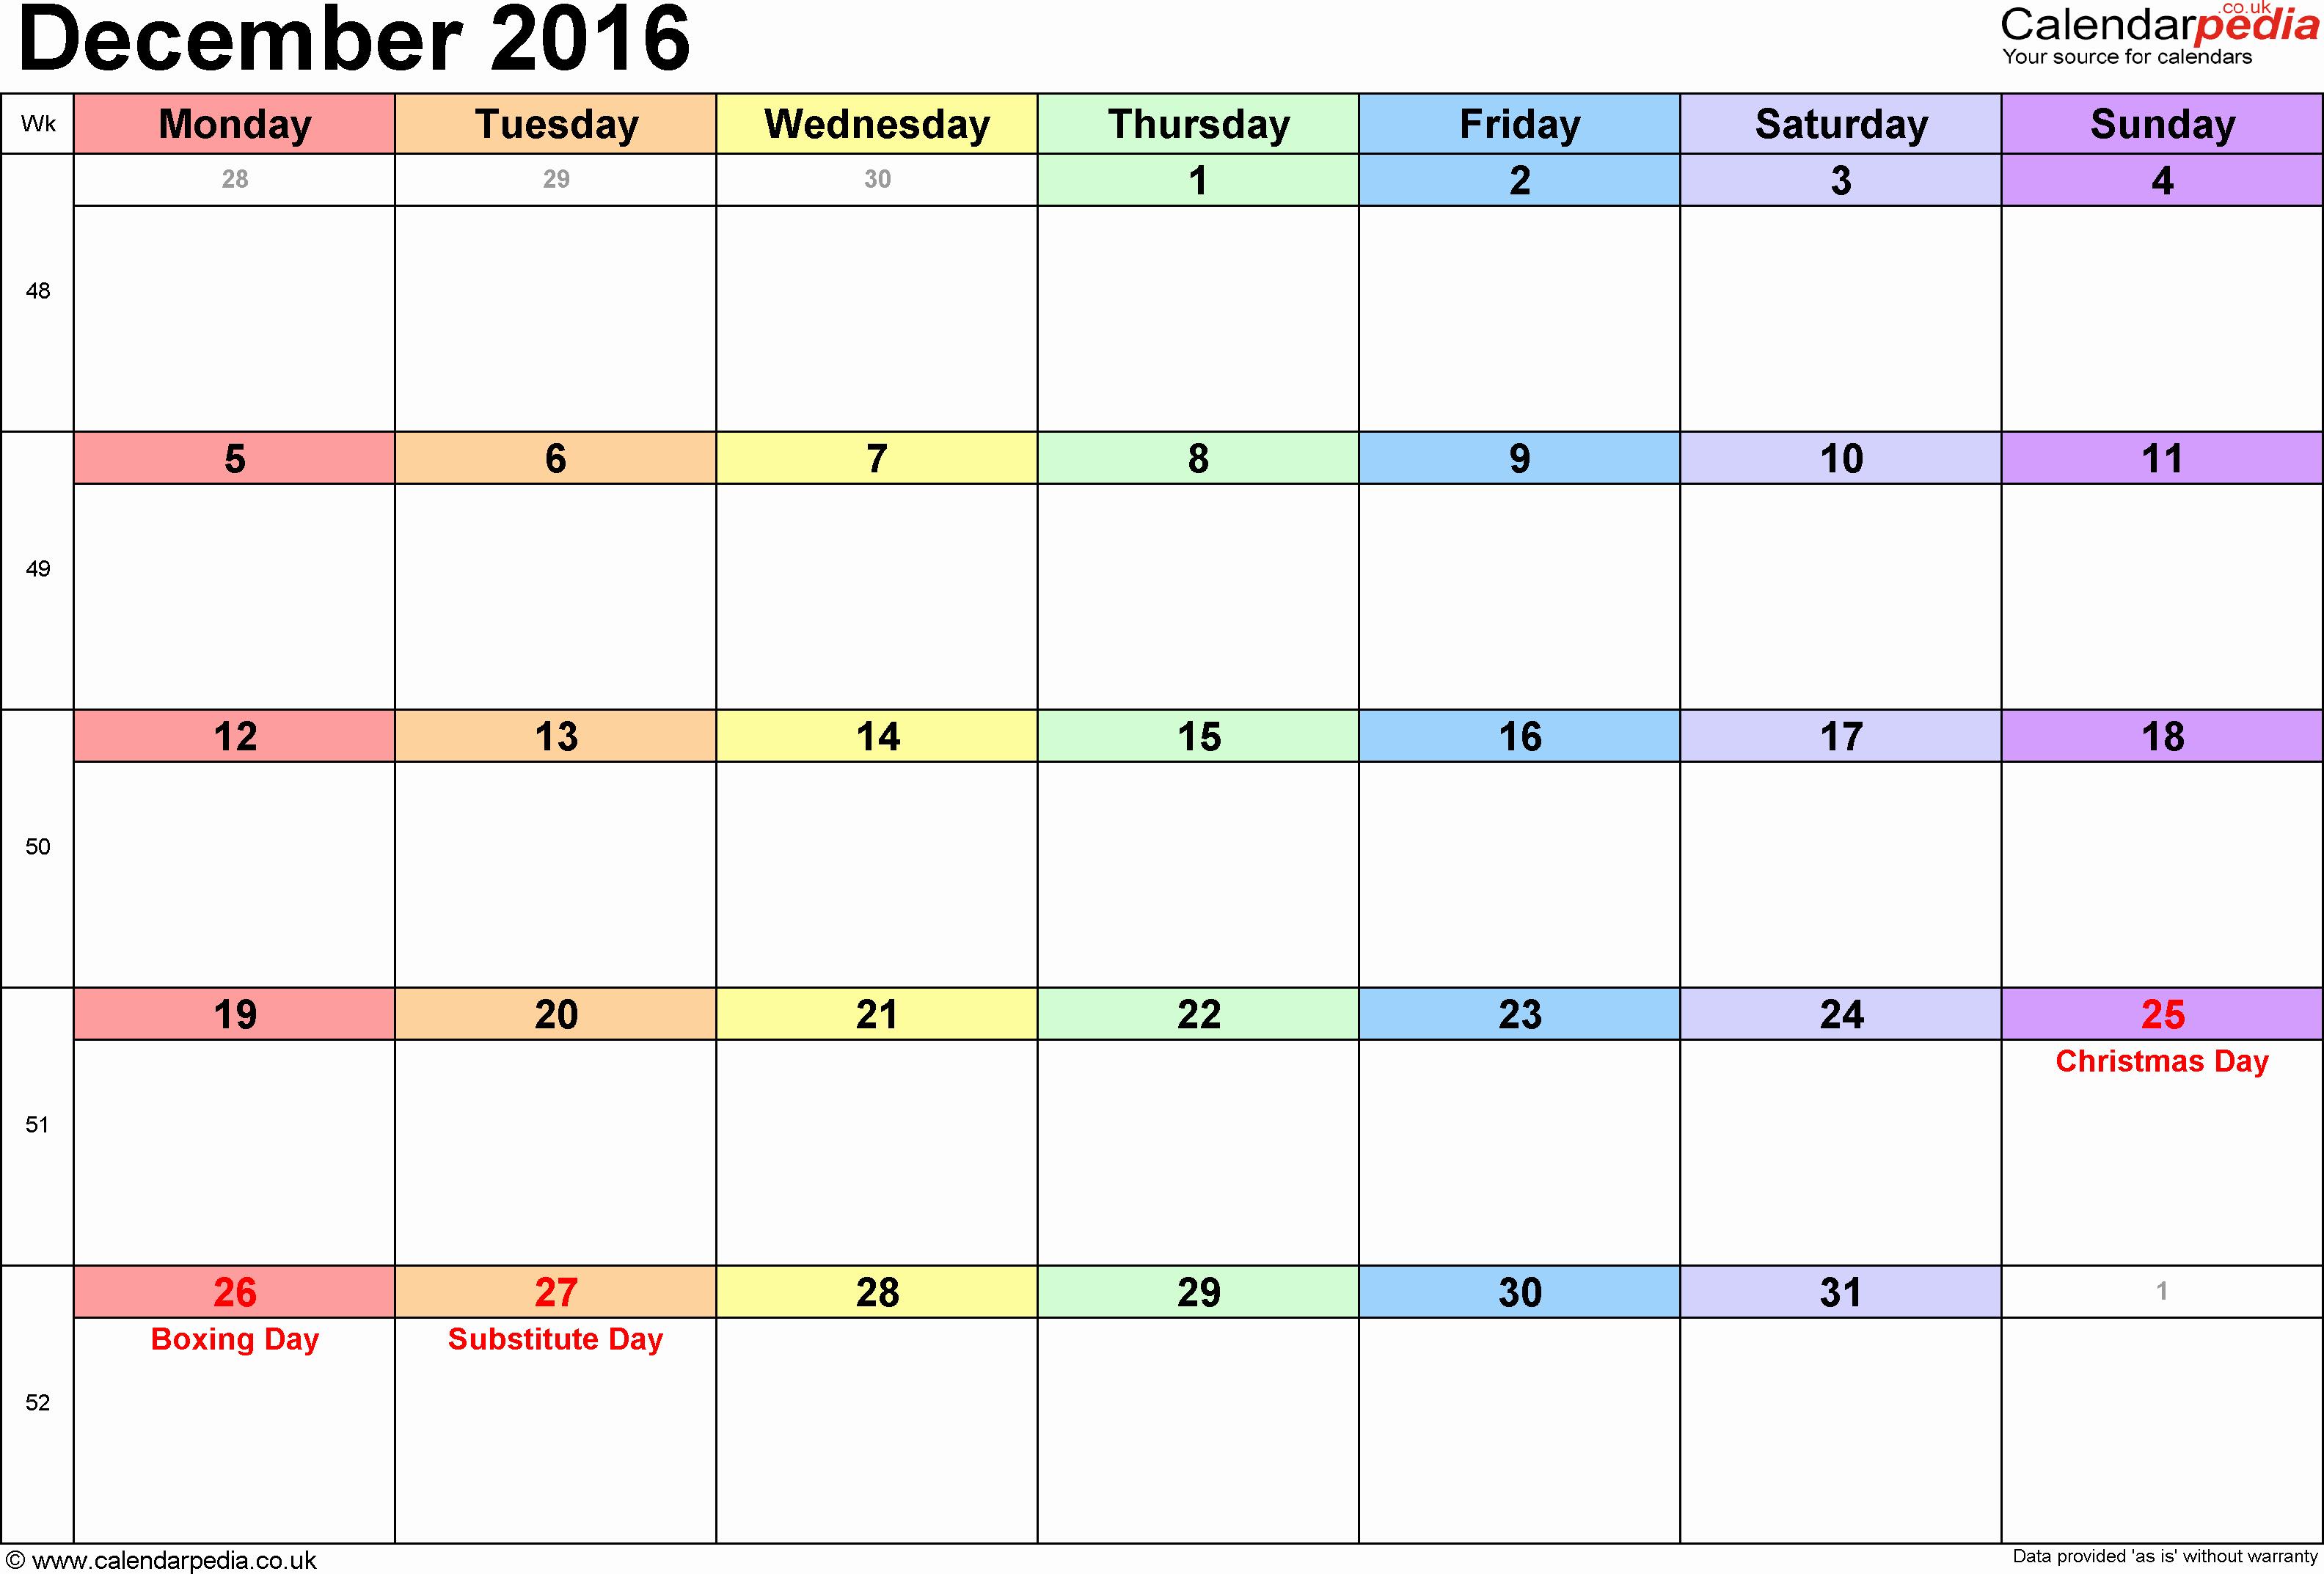 2016 Calendar Excel with Holidays Elegant Calendar December 2016 Uk Bank Holidays Excel Pdf Word